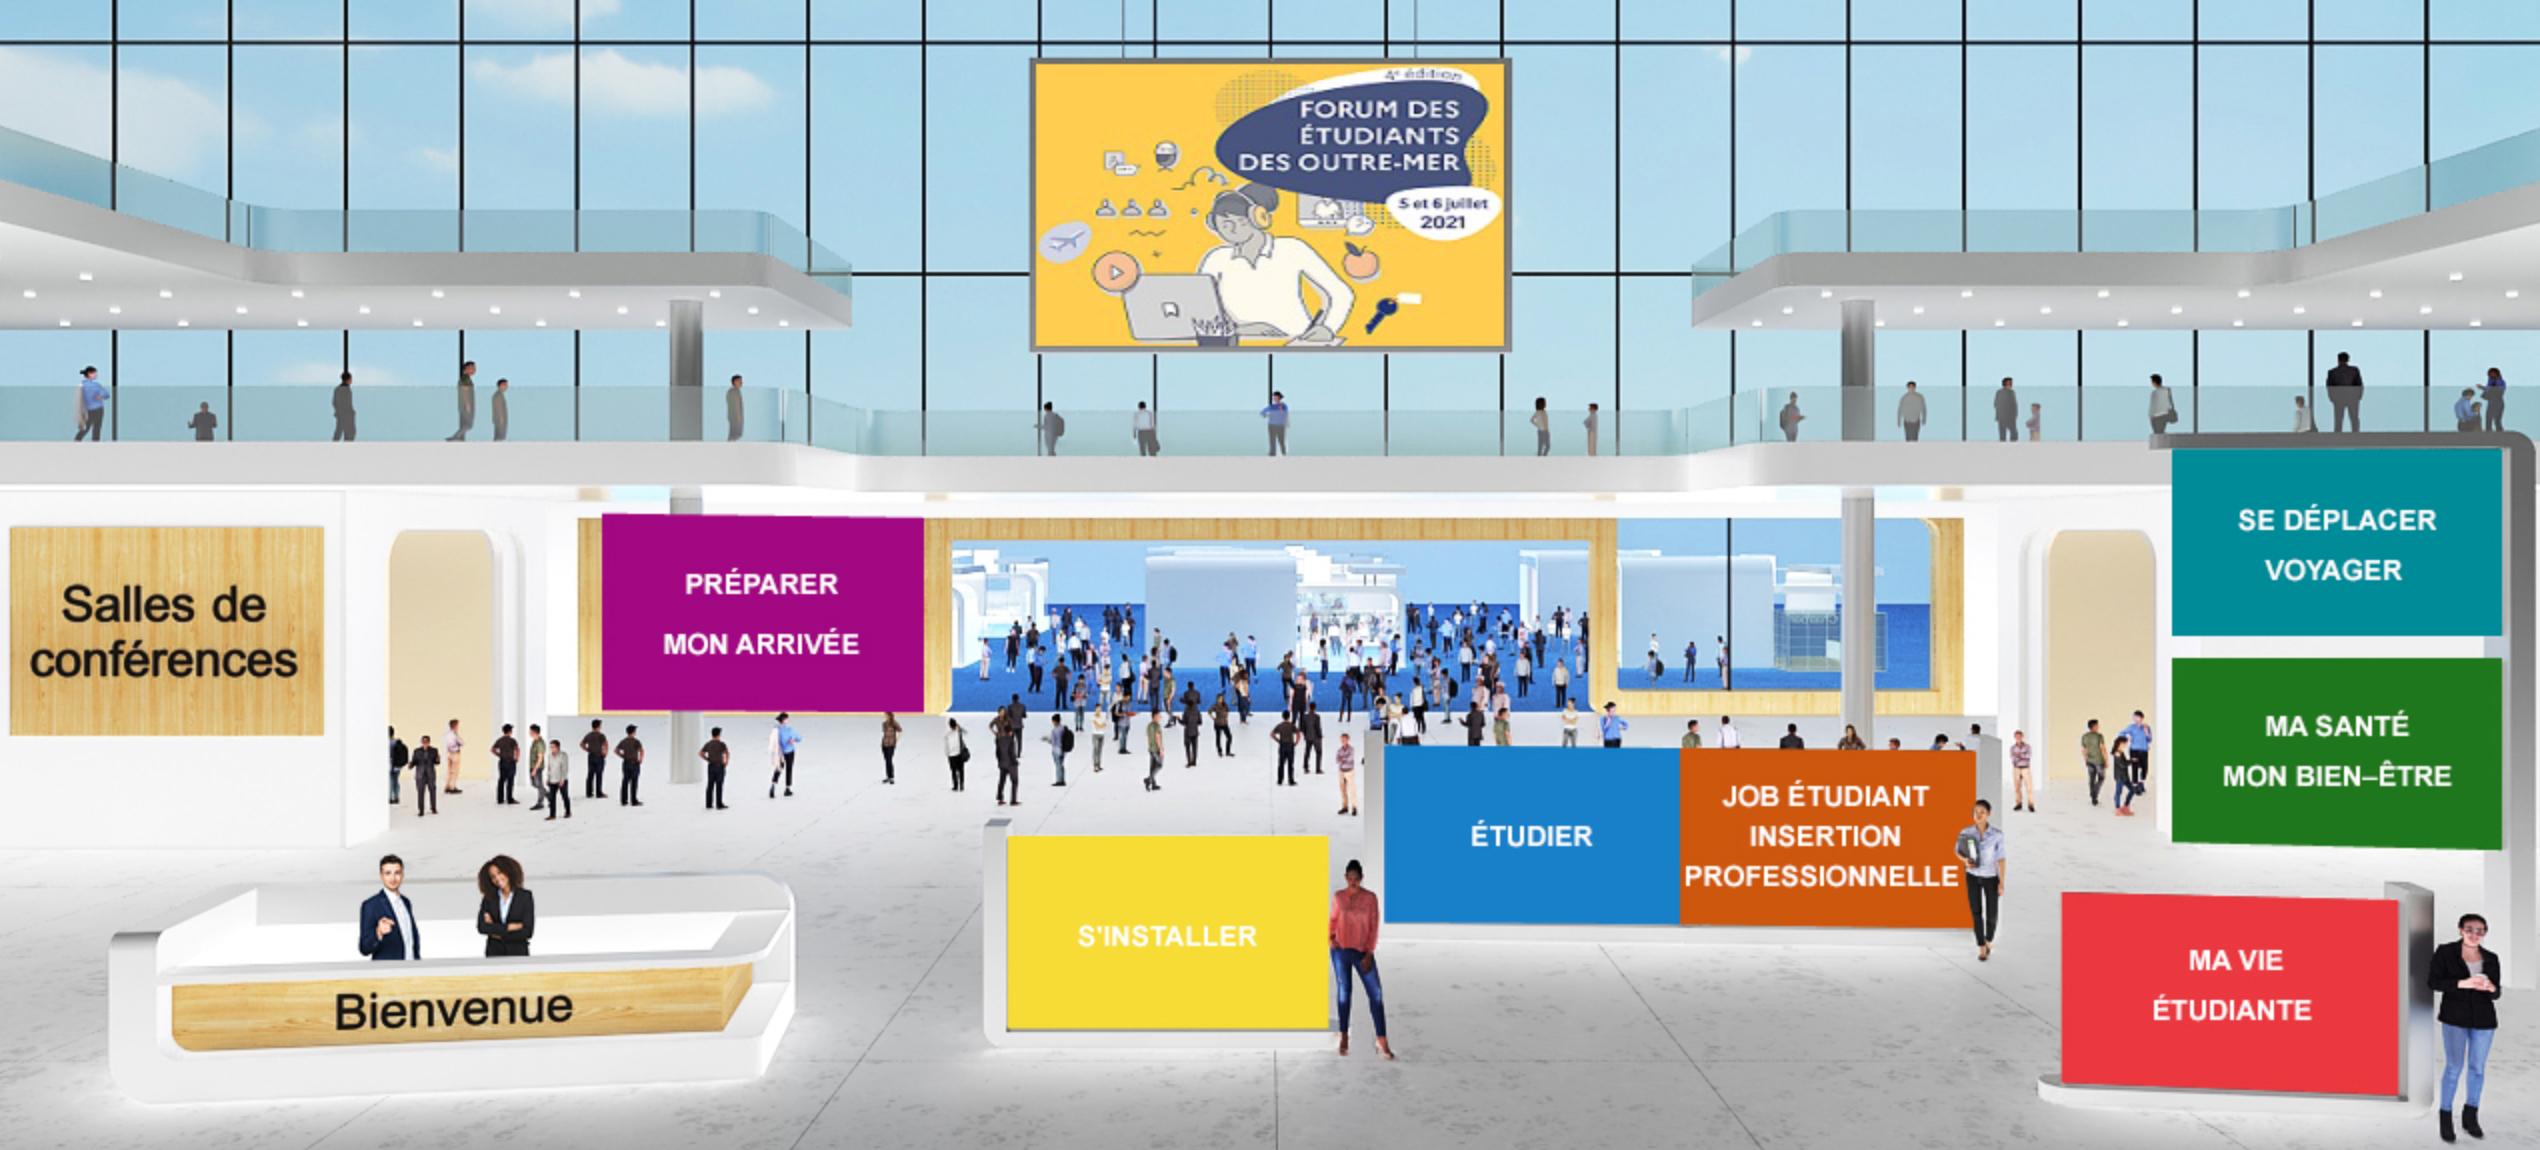 Forum des étudiants des Outre-mer : une 4ème édition 100% digitale